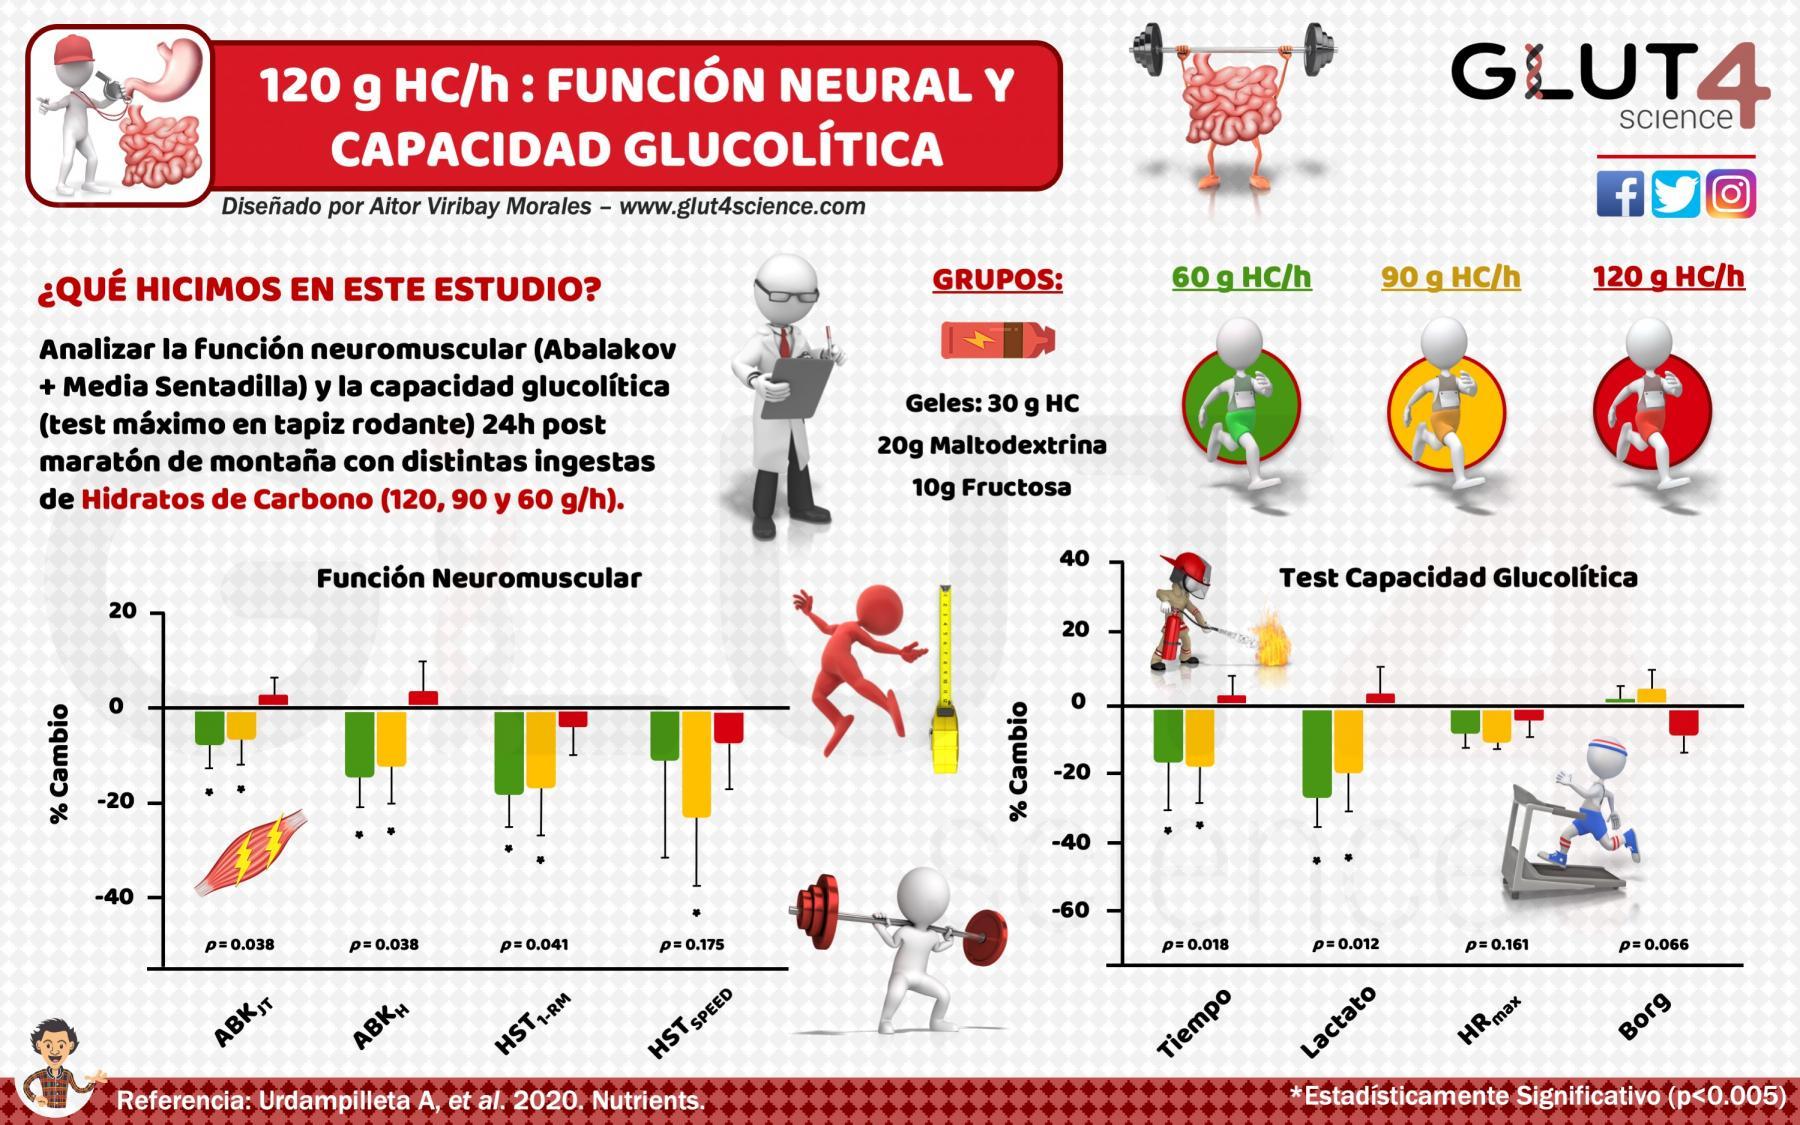 120 gramos por hora de Hidratos de Carbono mejoran la recuperación